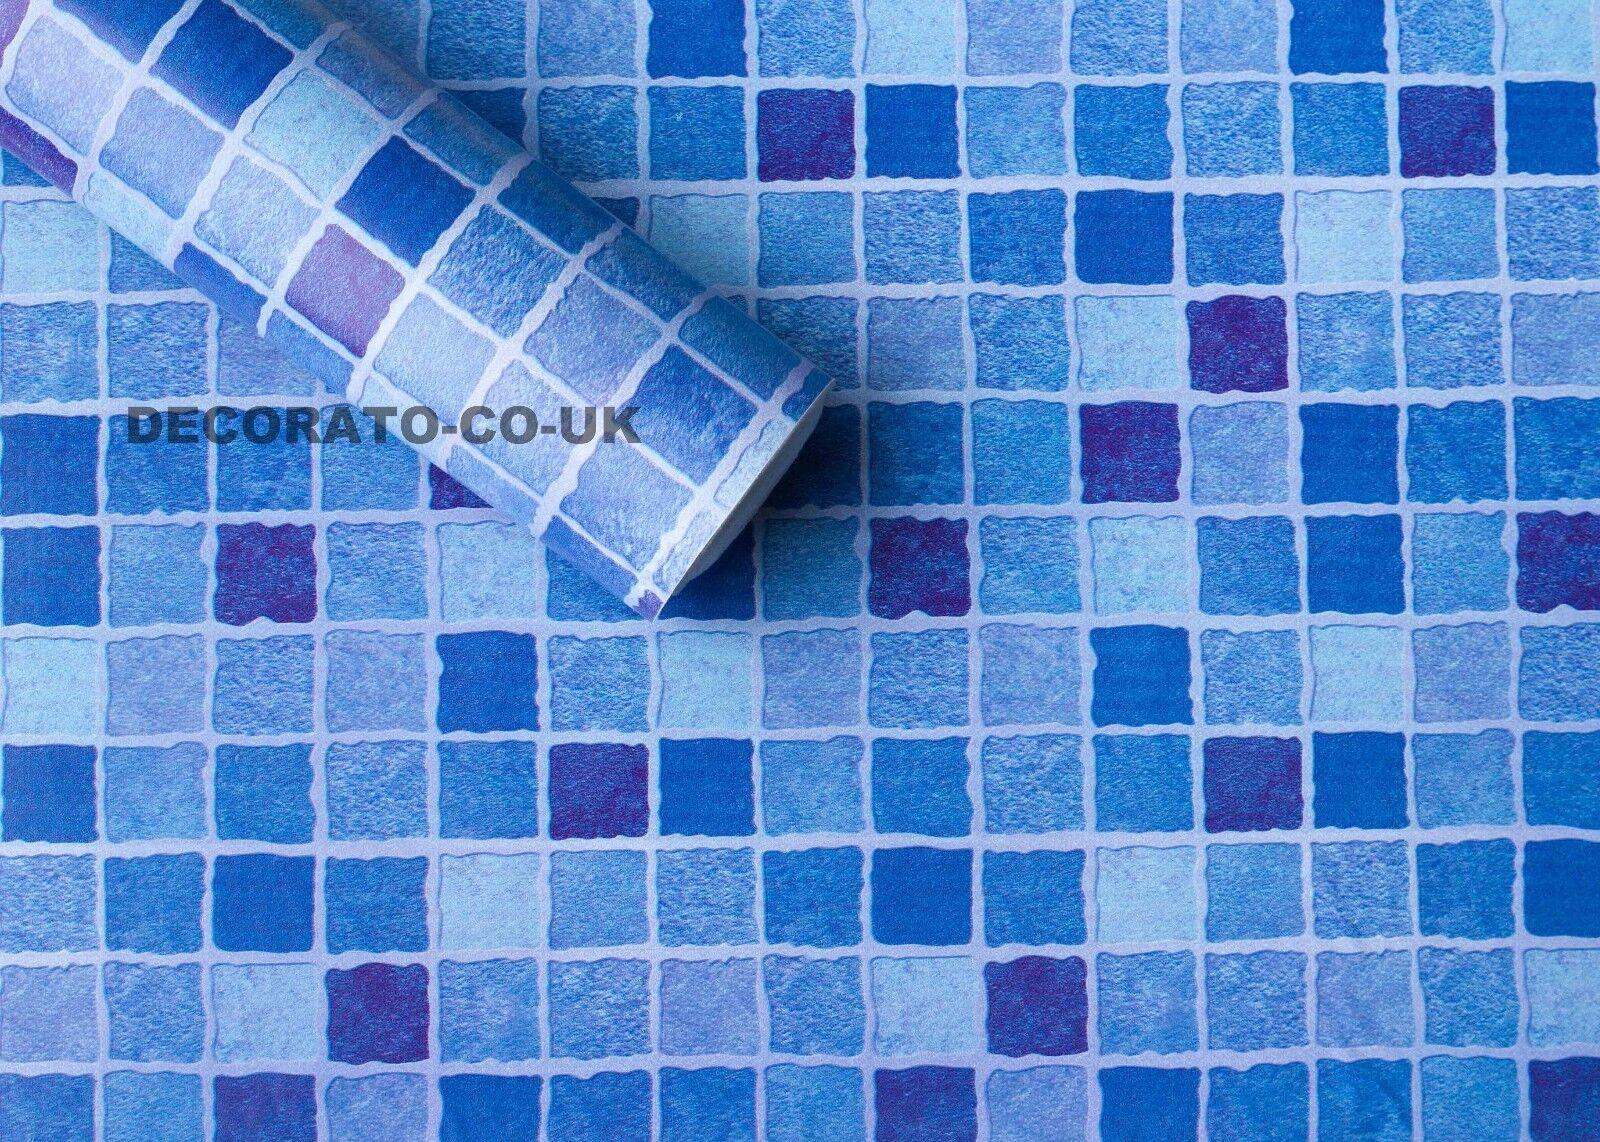 Piastrelle Pvc Adesive Cucina dettagli su blu a quadretti pvc vinile plastica appiccicosa su retro  (adesiva ?) cucina